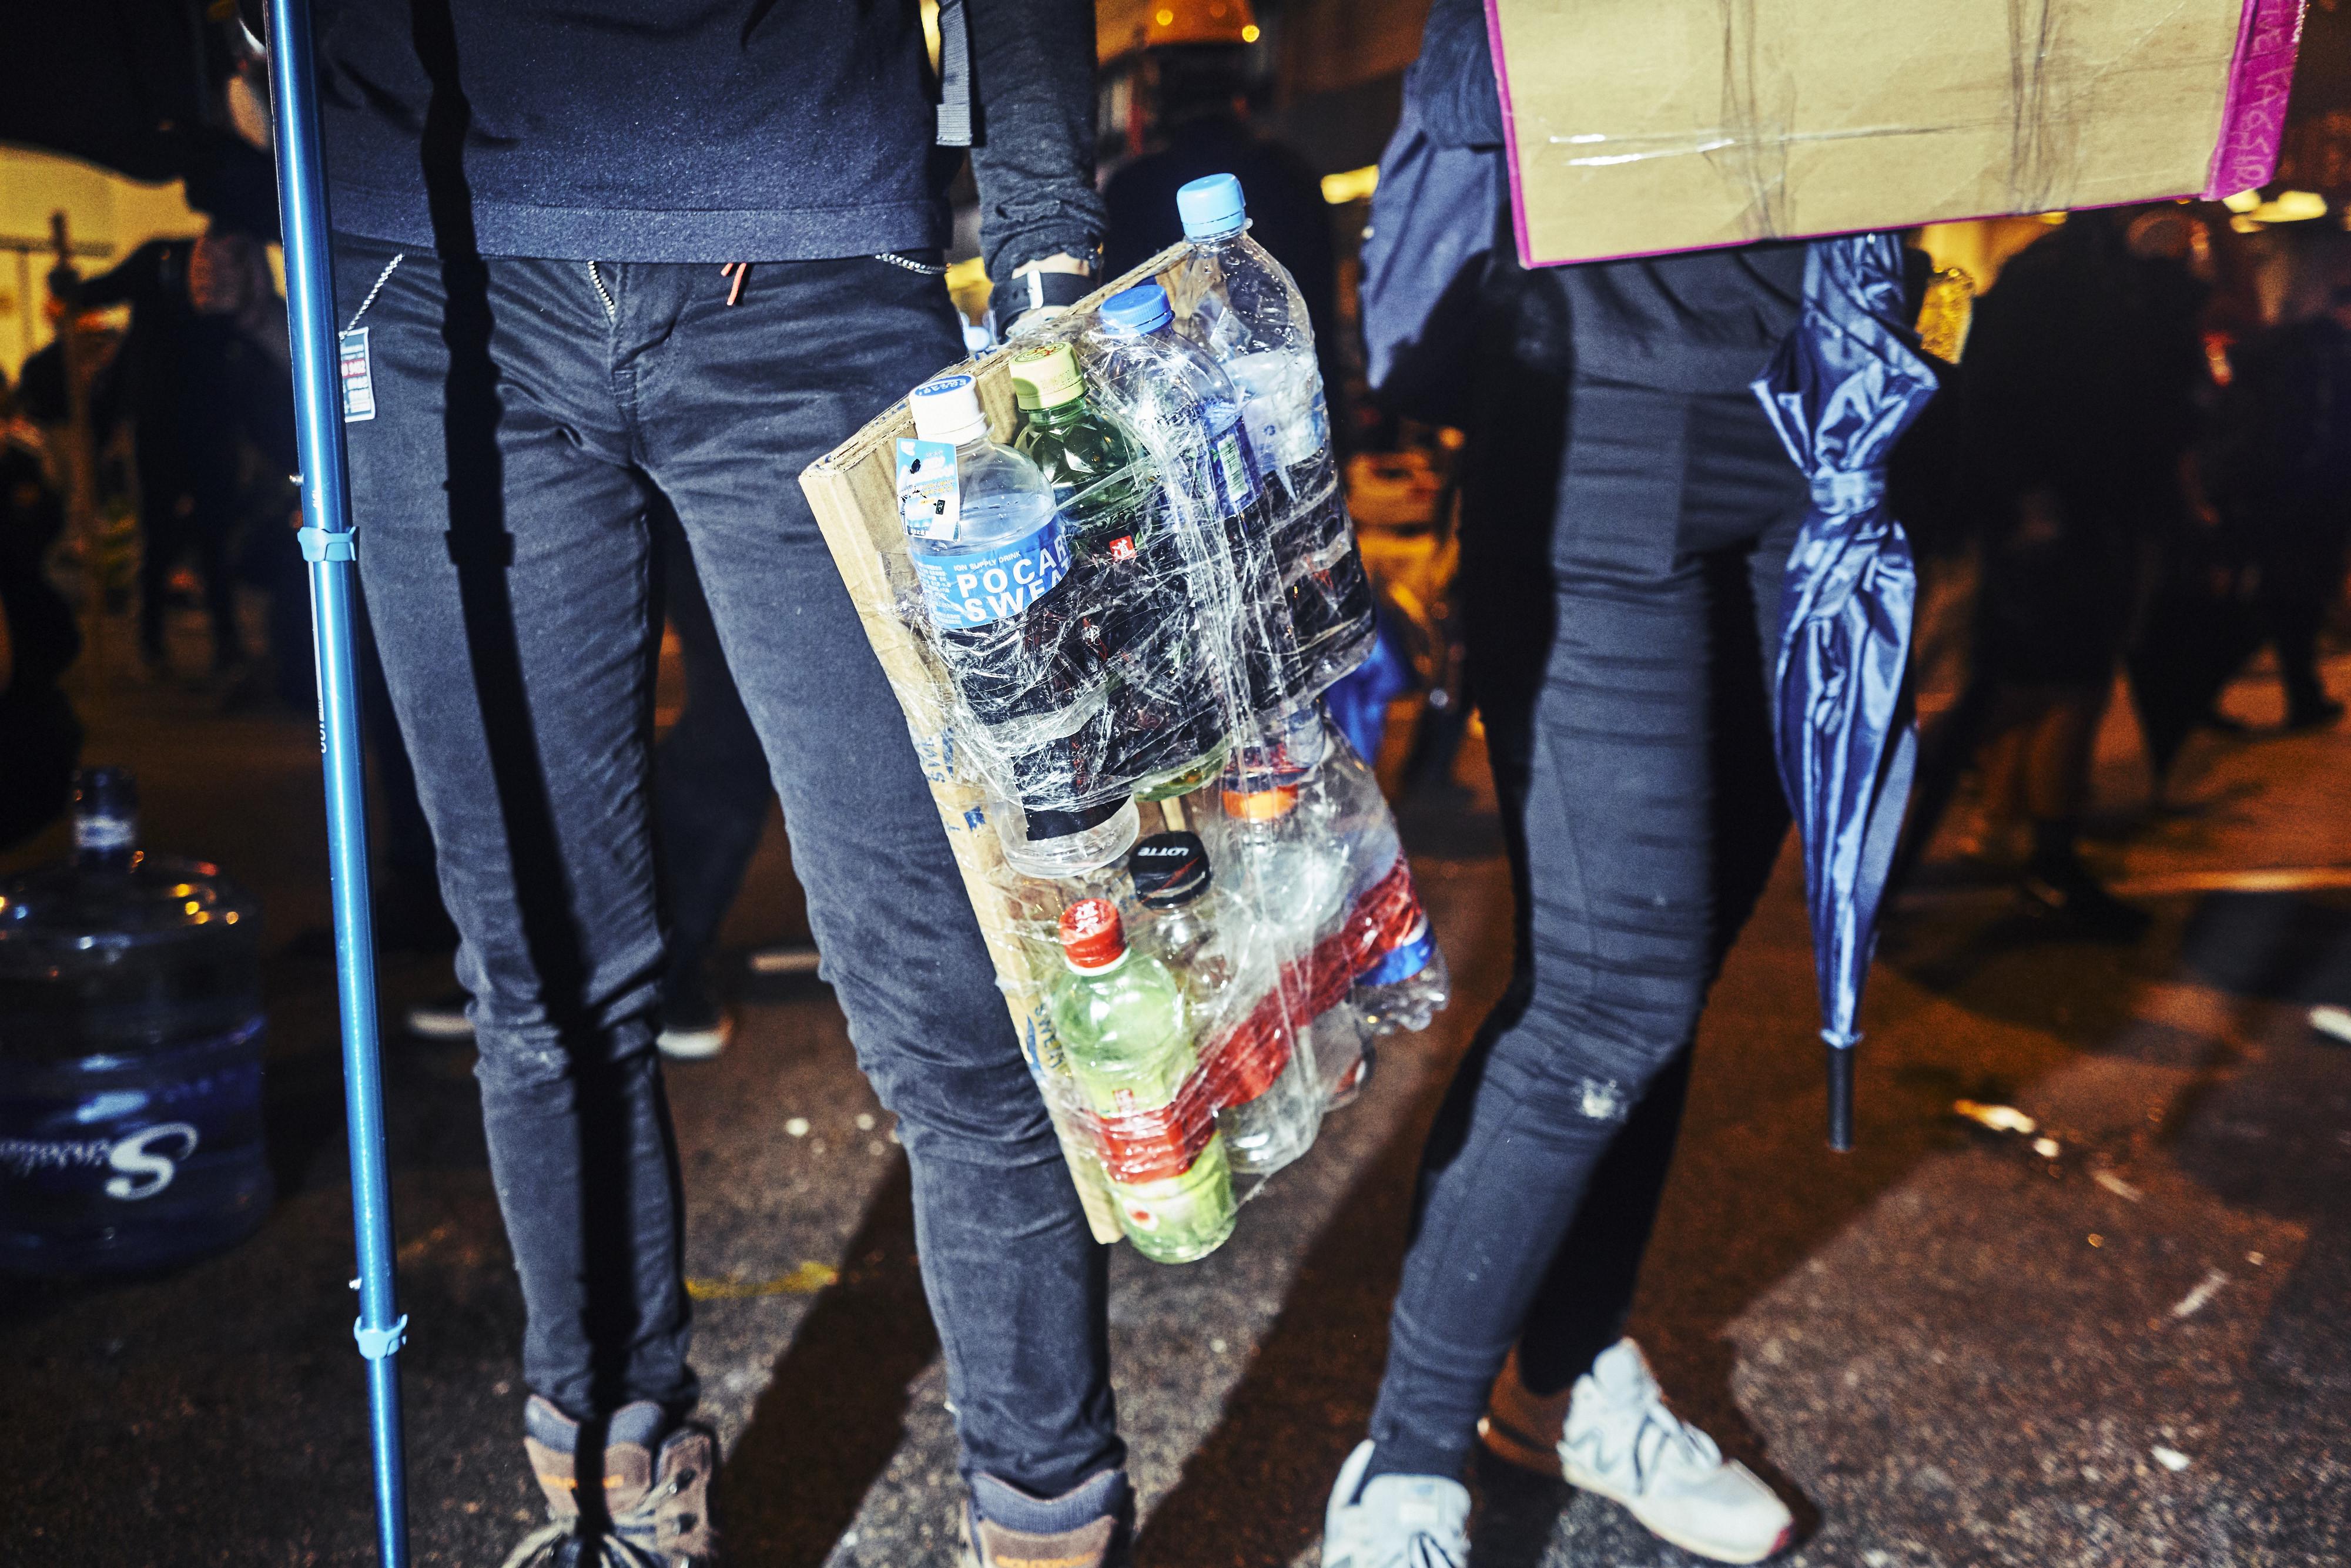 Cadena de suministro: gracias a los mensajes en Telegram y la información enviada a través de AirDrop, los manifestantes pueden llevar suministros a las líneas del frente a través de escenas caóticas.